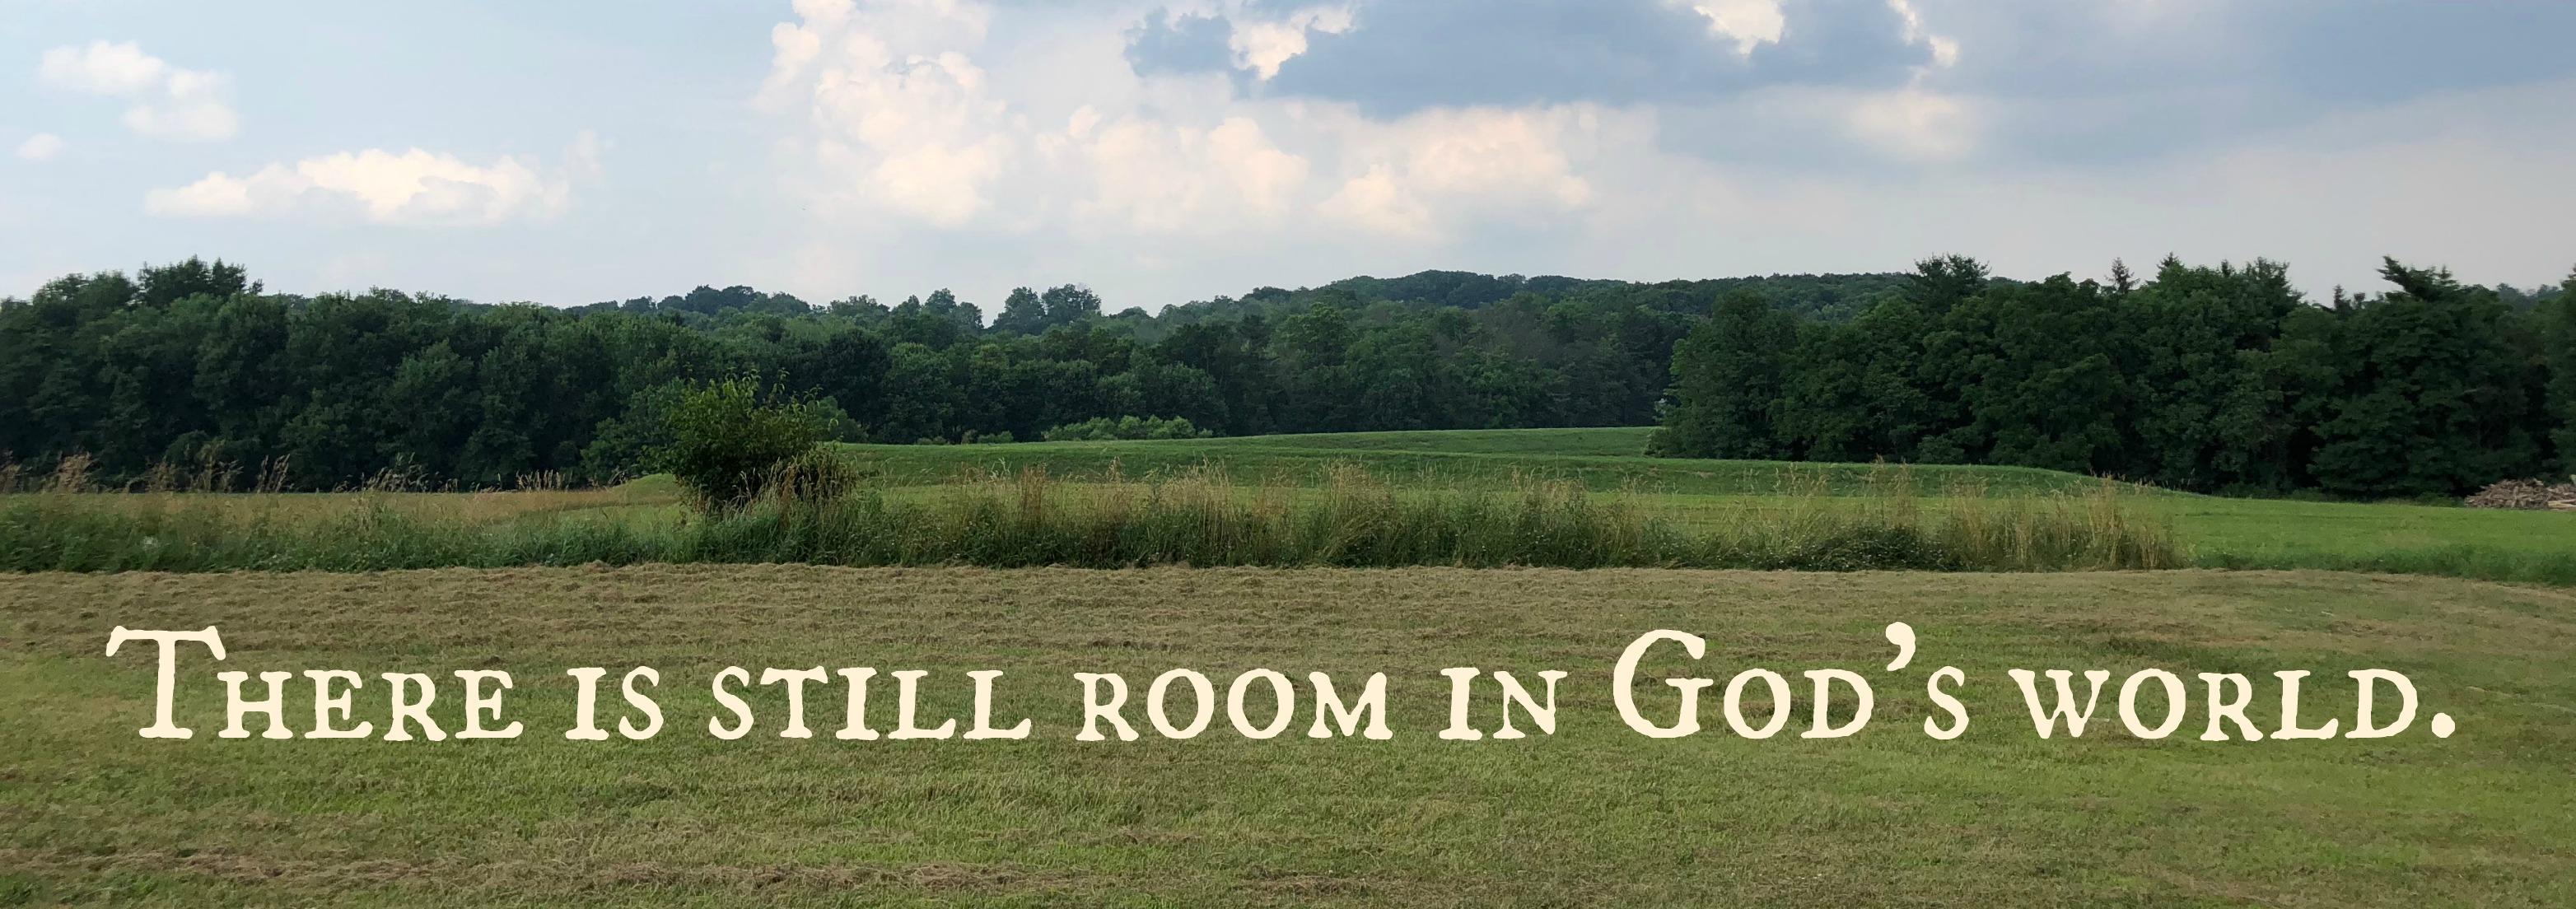 Still Room in God's World